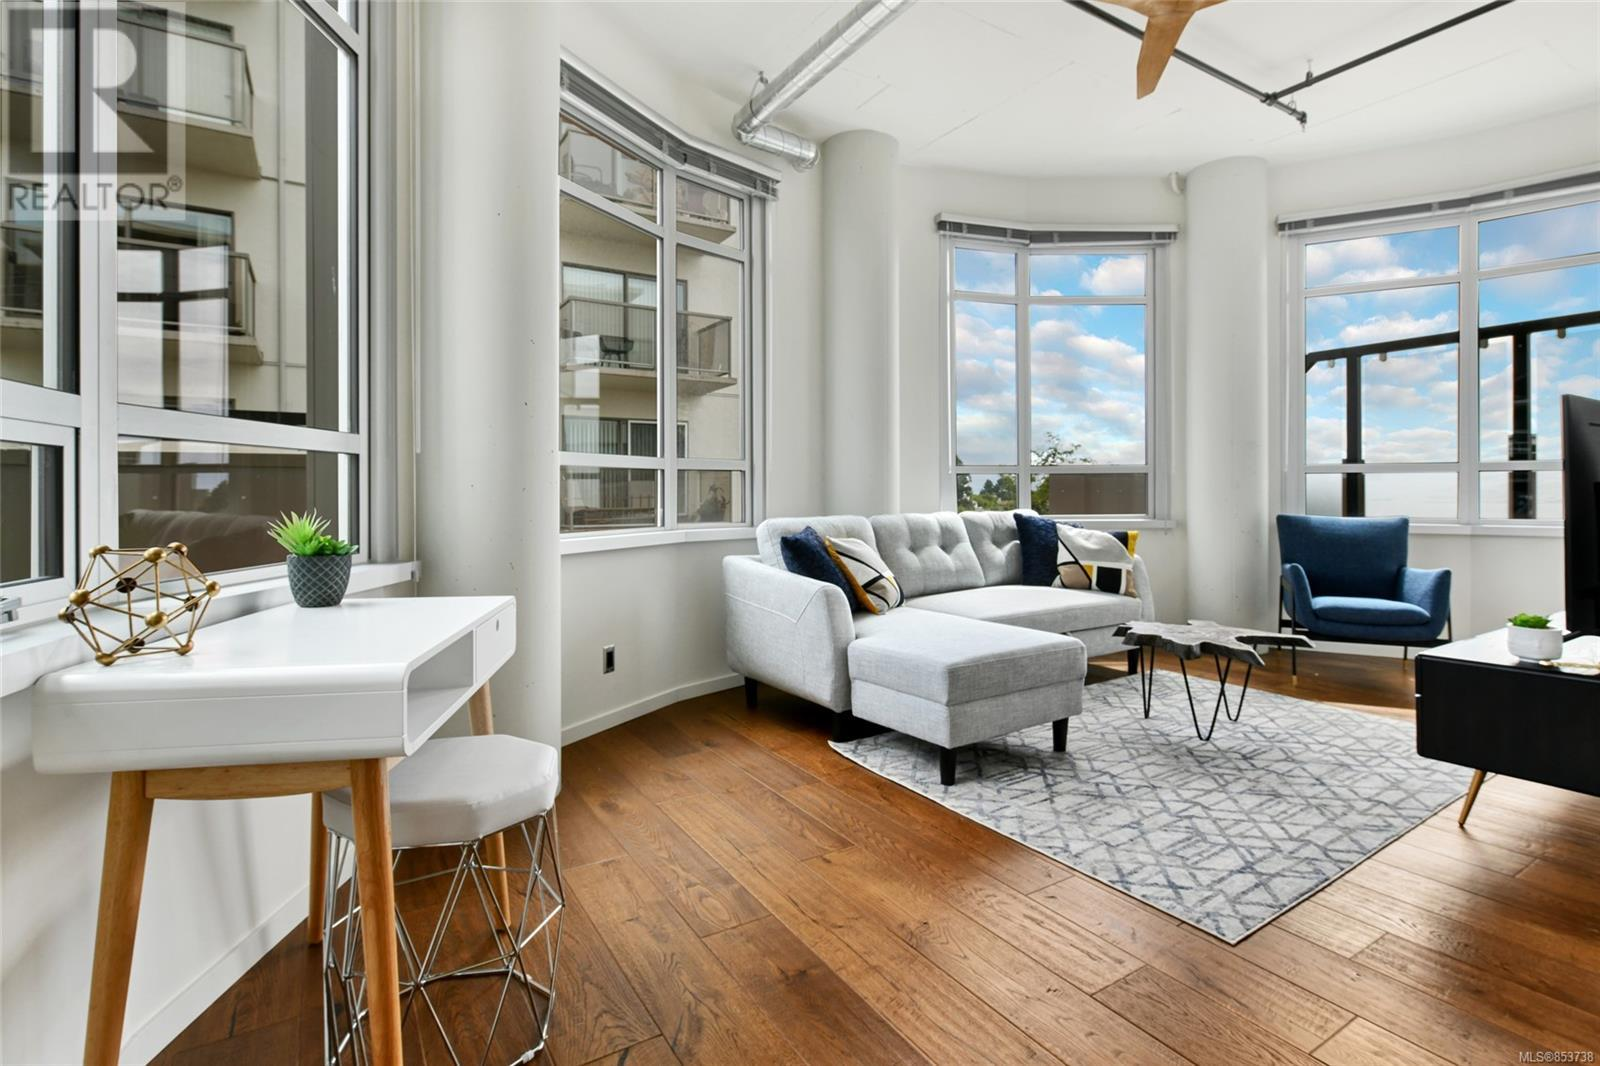 701 1029 View St 701 | Apartment 出售 | Realmaster.com